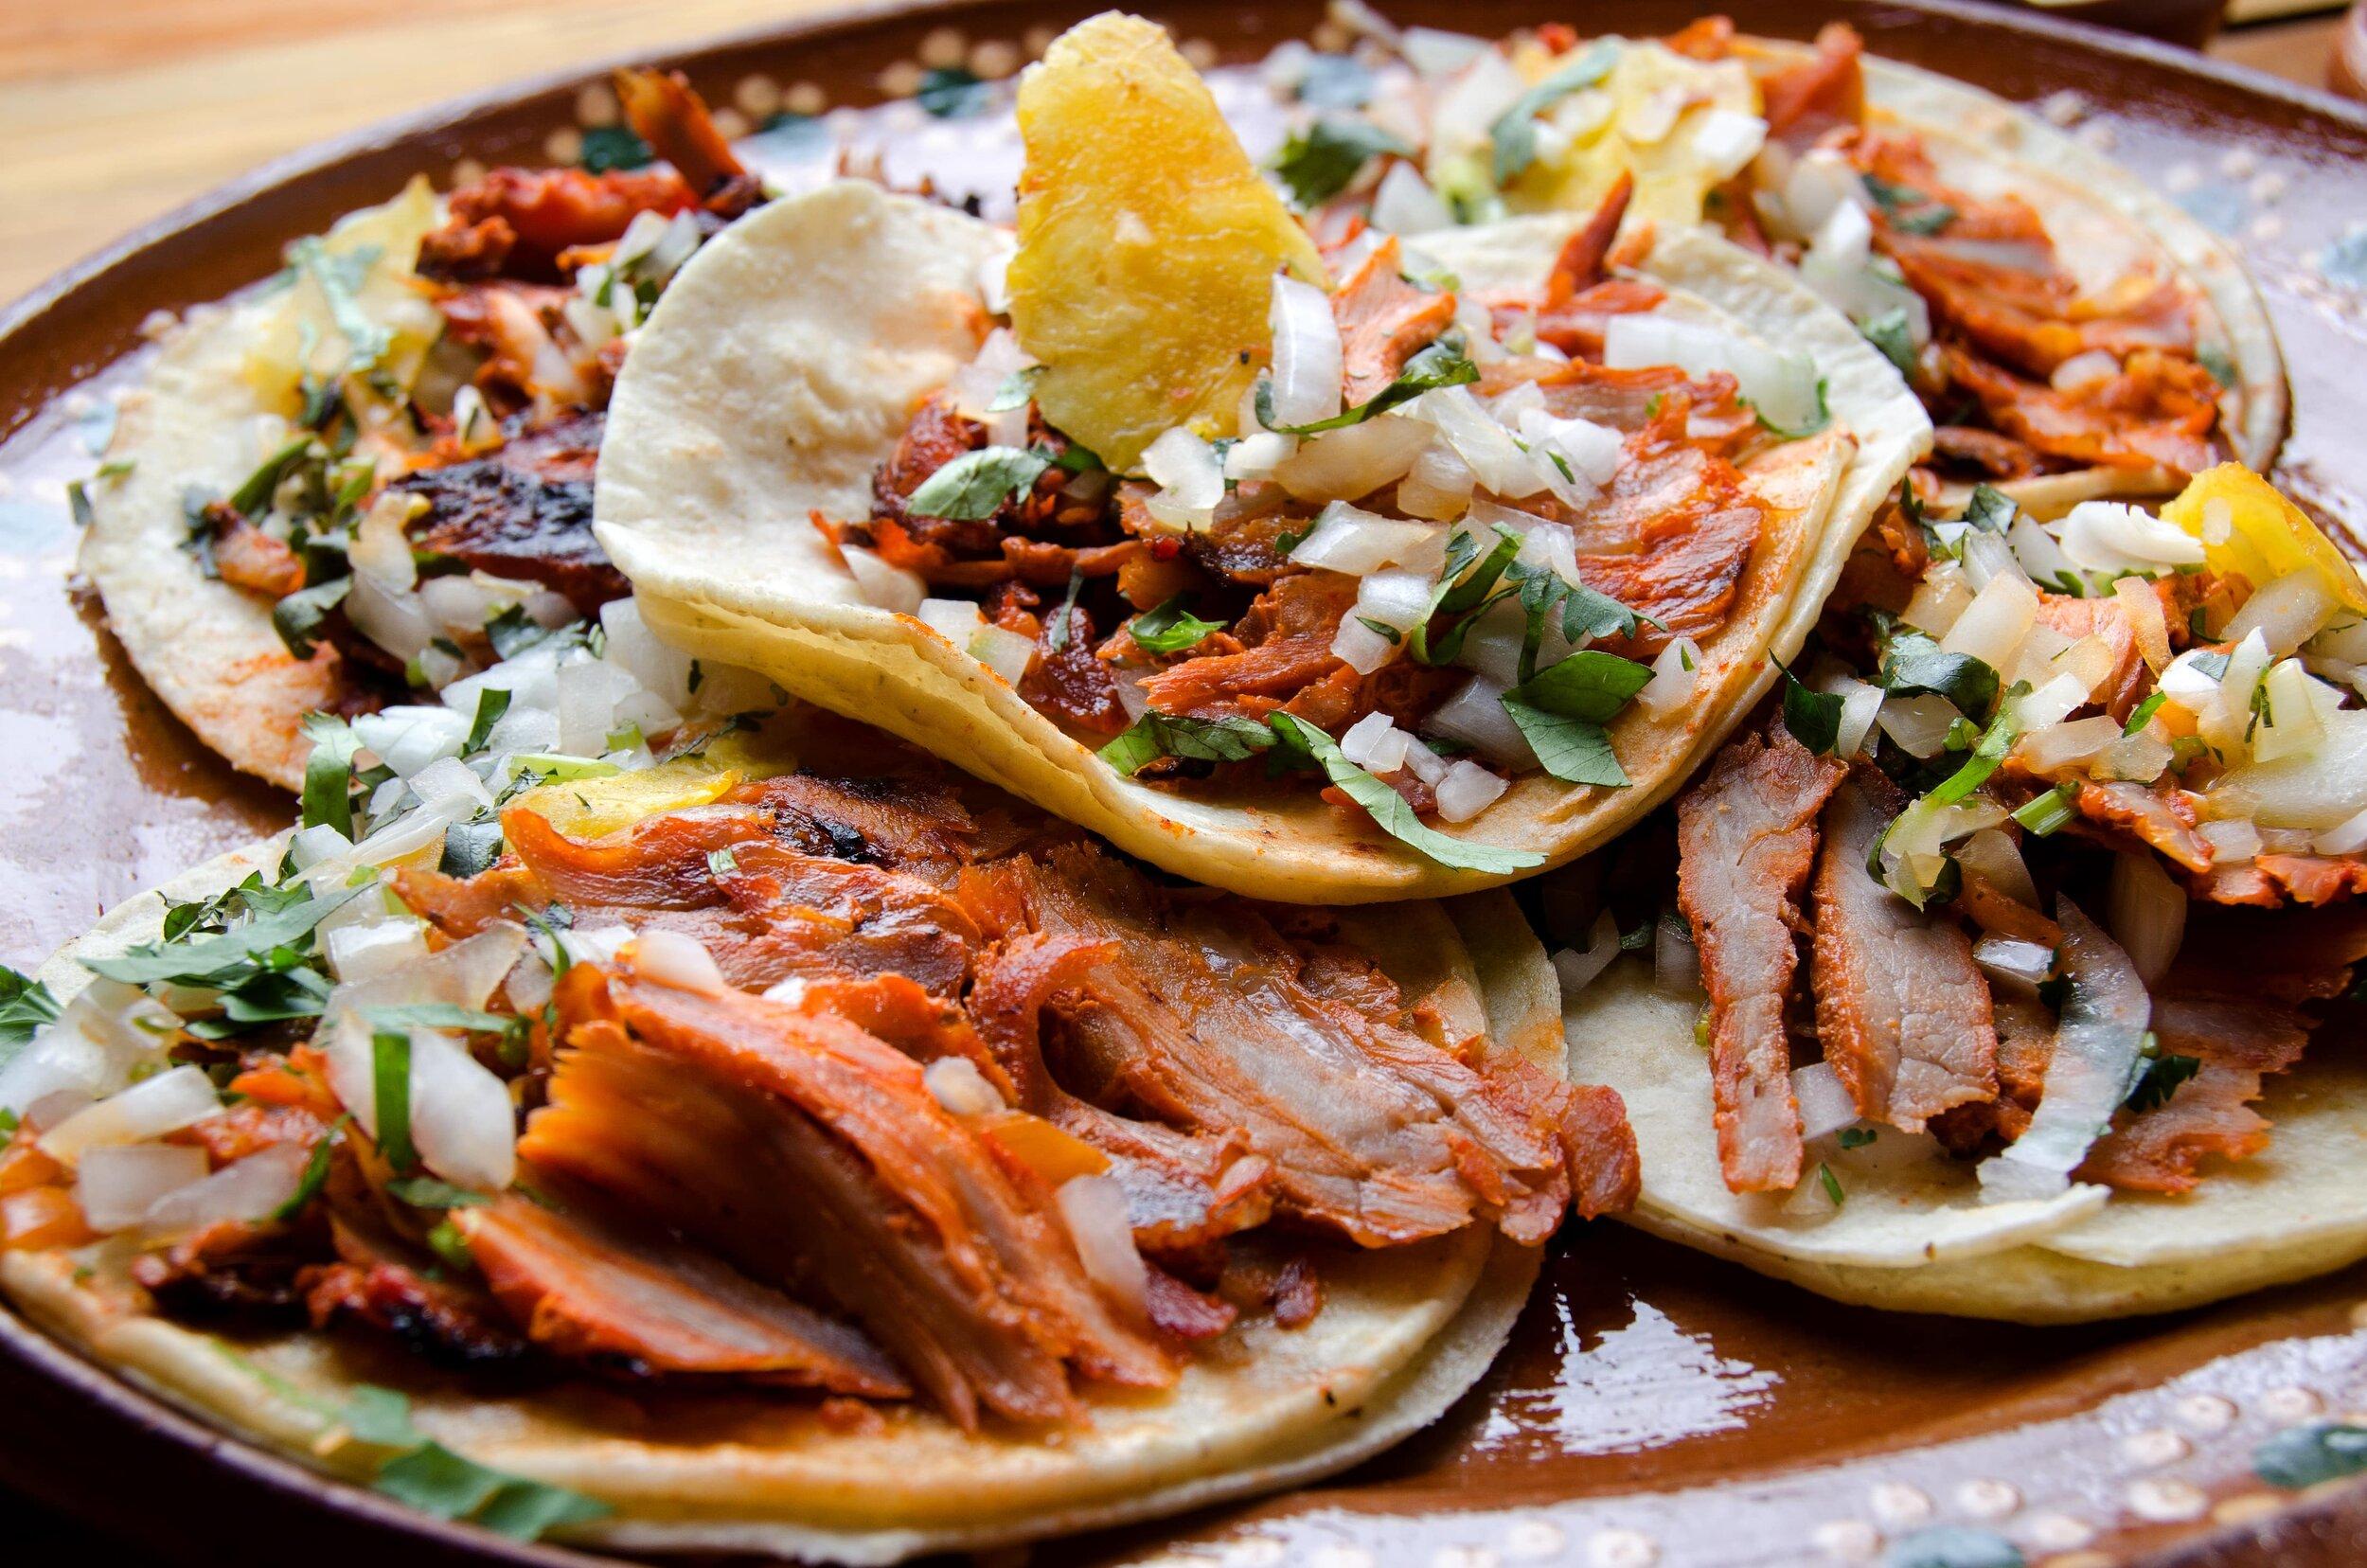 The King of Mexico City street food, tacos al pastoe.